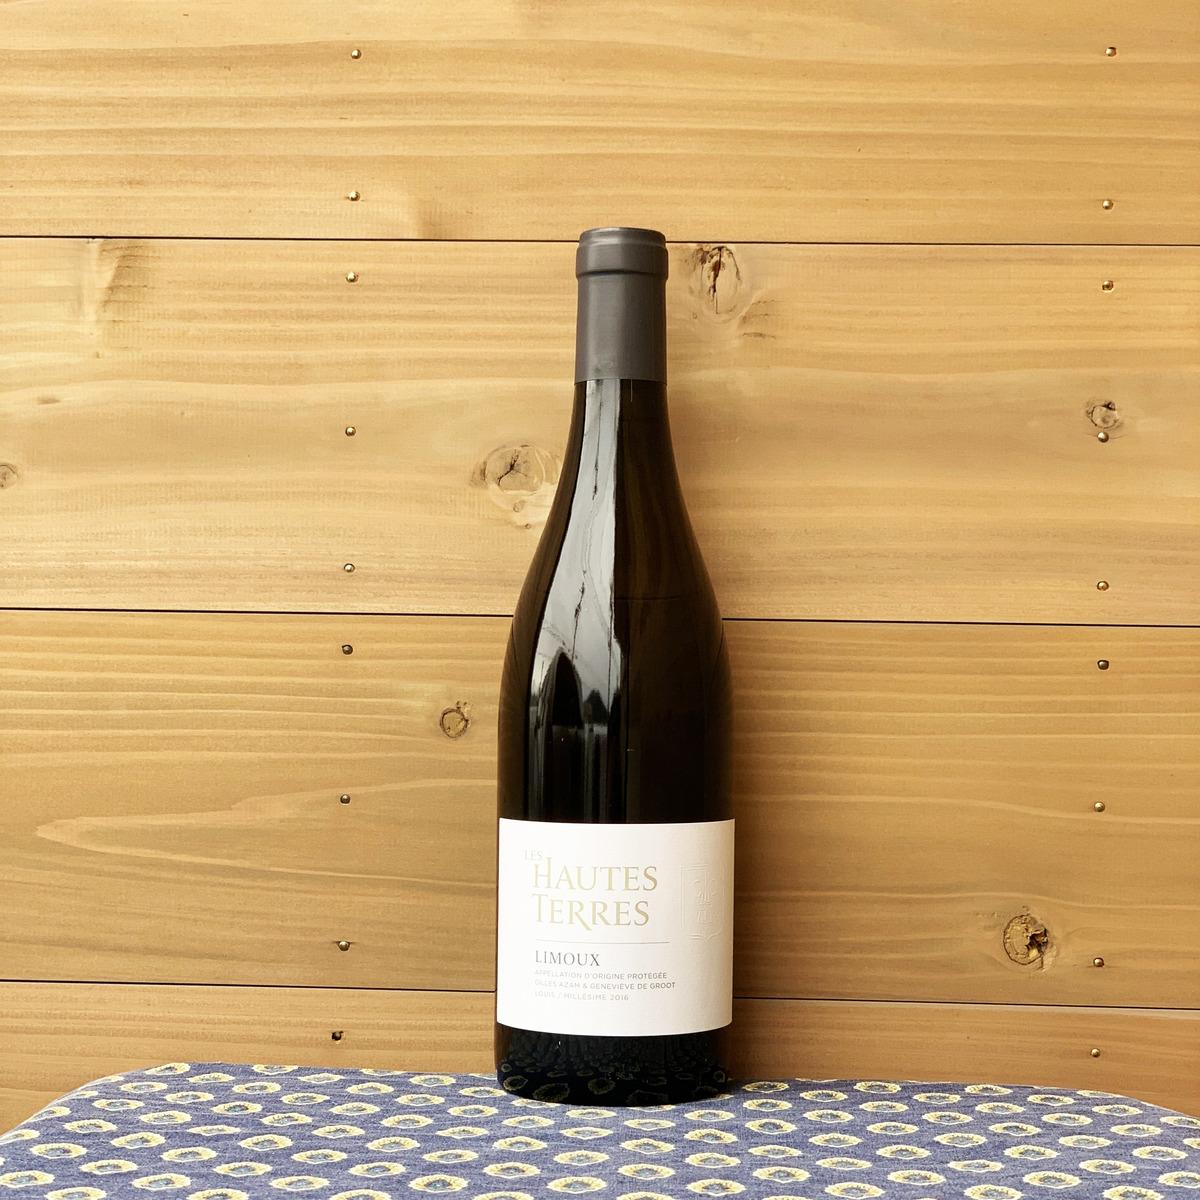 生産者ジル アザム氏の祖父の名前を付けた白ワイン 高地の土壌を活かした逸品です 人気 おすすめ ラングドック地方 フランス レ ルイ '16 テール 日本製 自然派ワイン 白ワイン ゾット